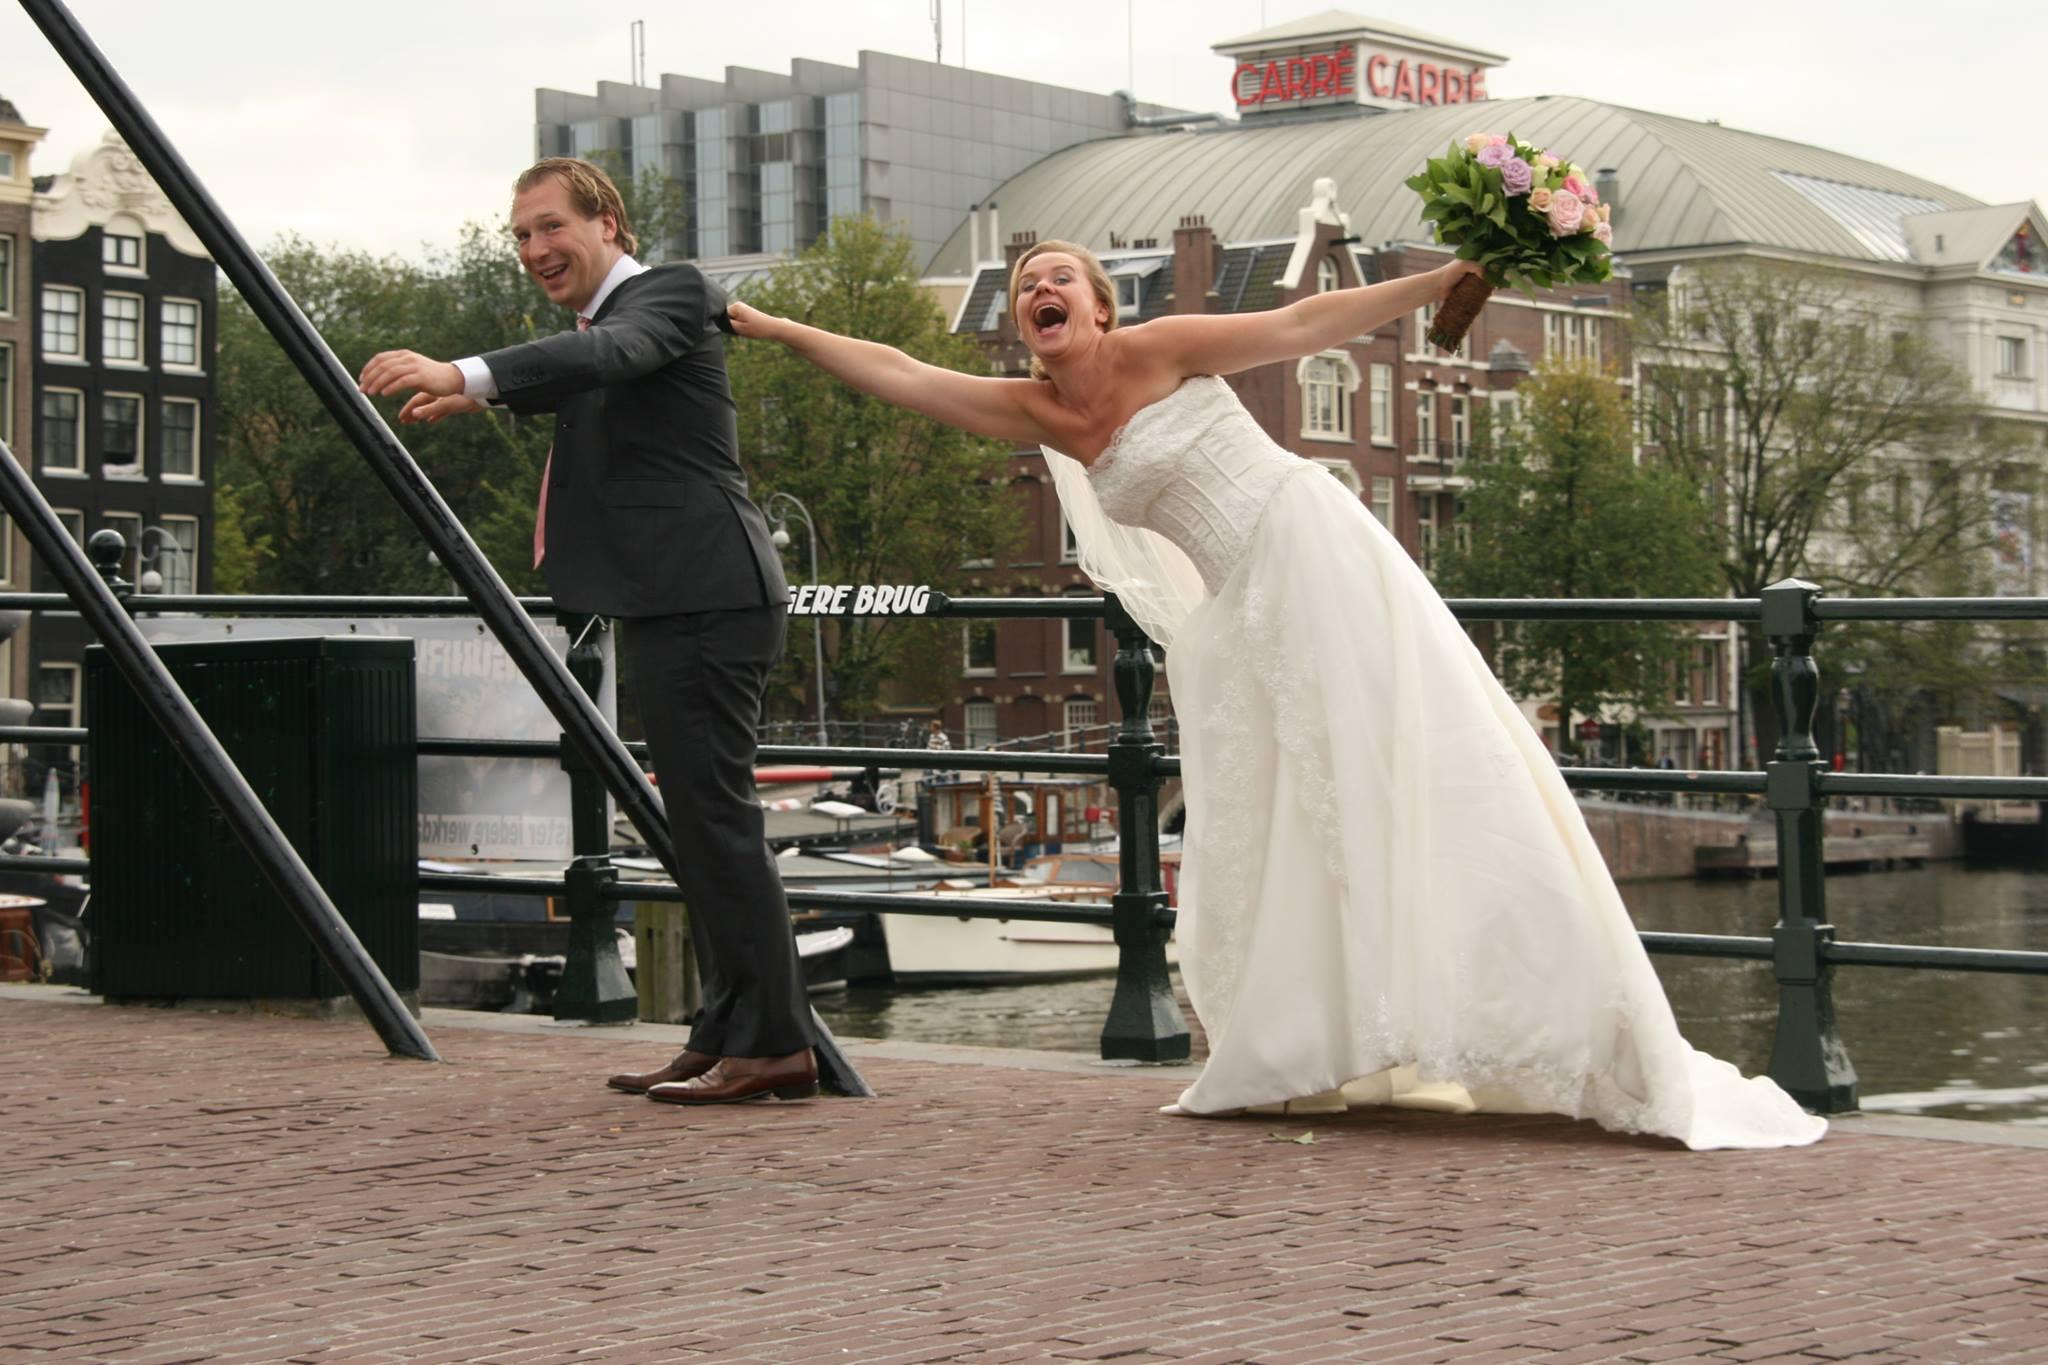 bruiloft, huwelijk bruidsjaren, bruiloft